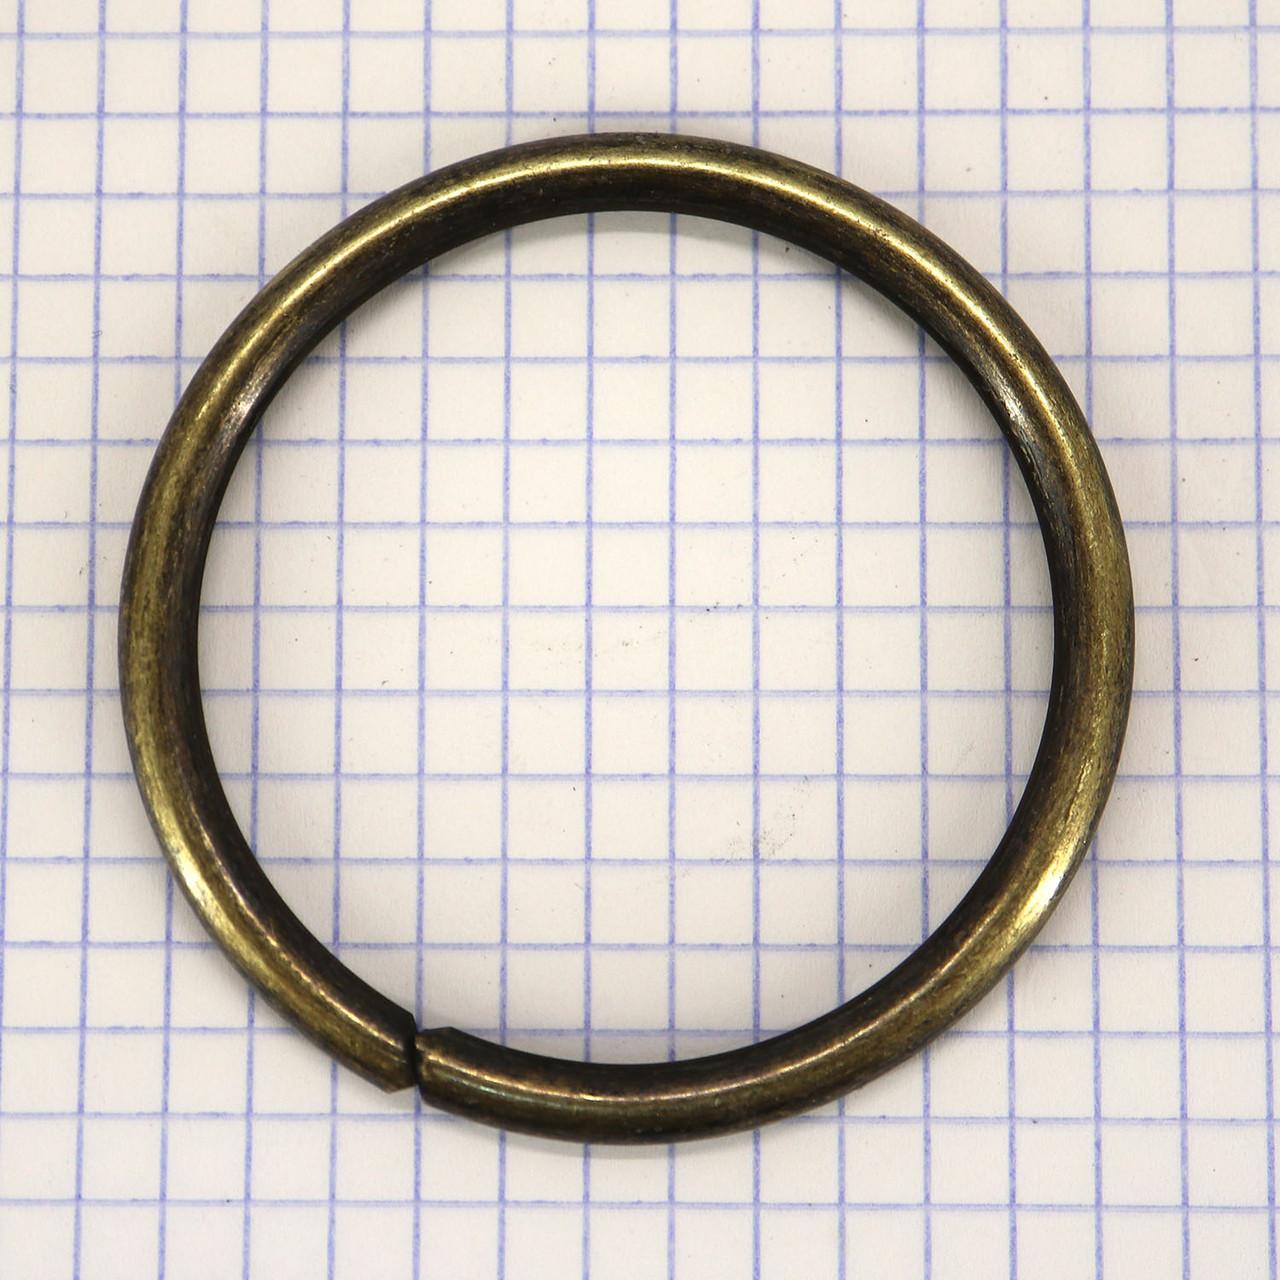 Кольцо 51x4,7 мм антик для сумок t4327 (10 шт.)